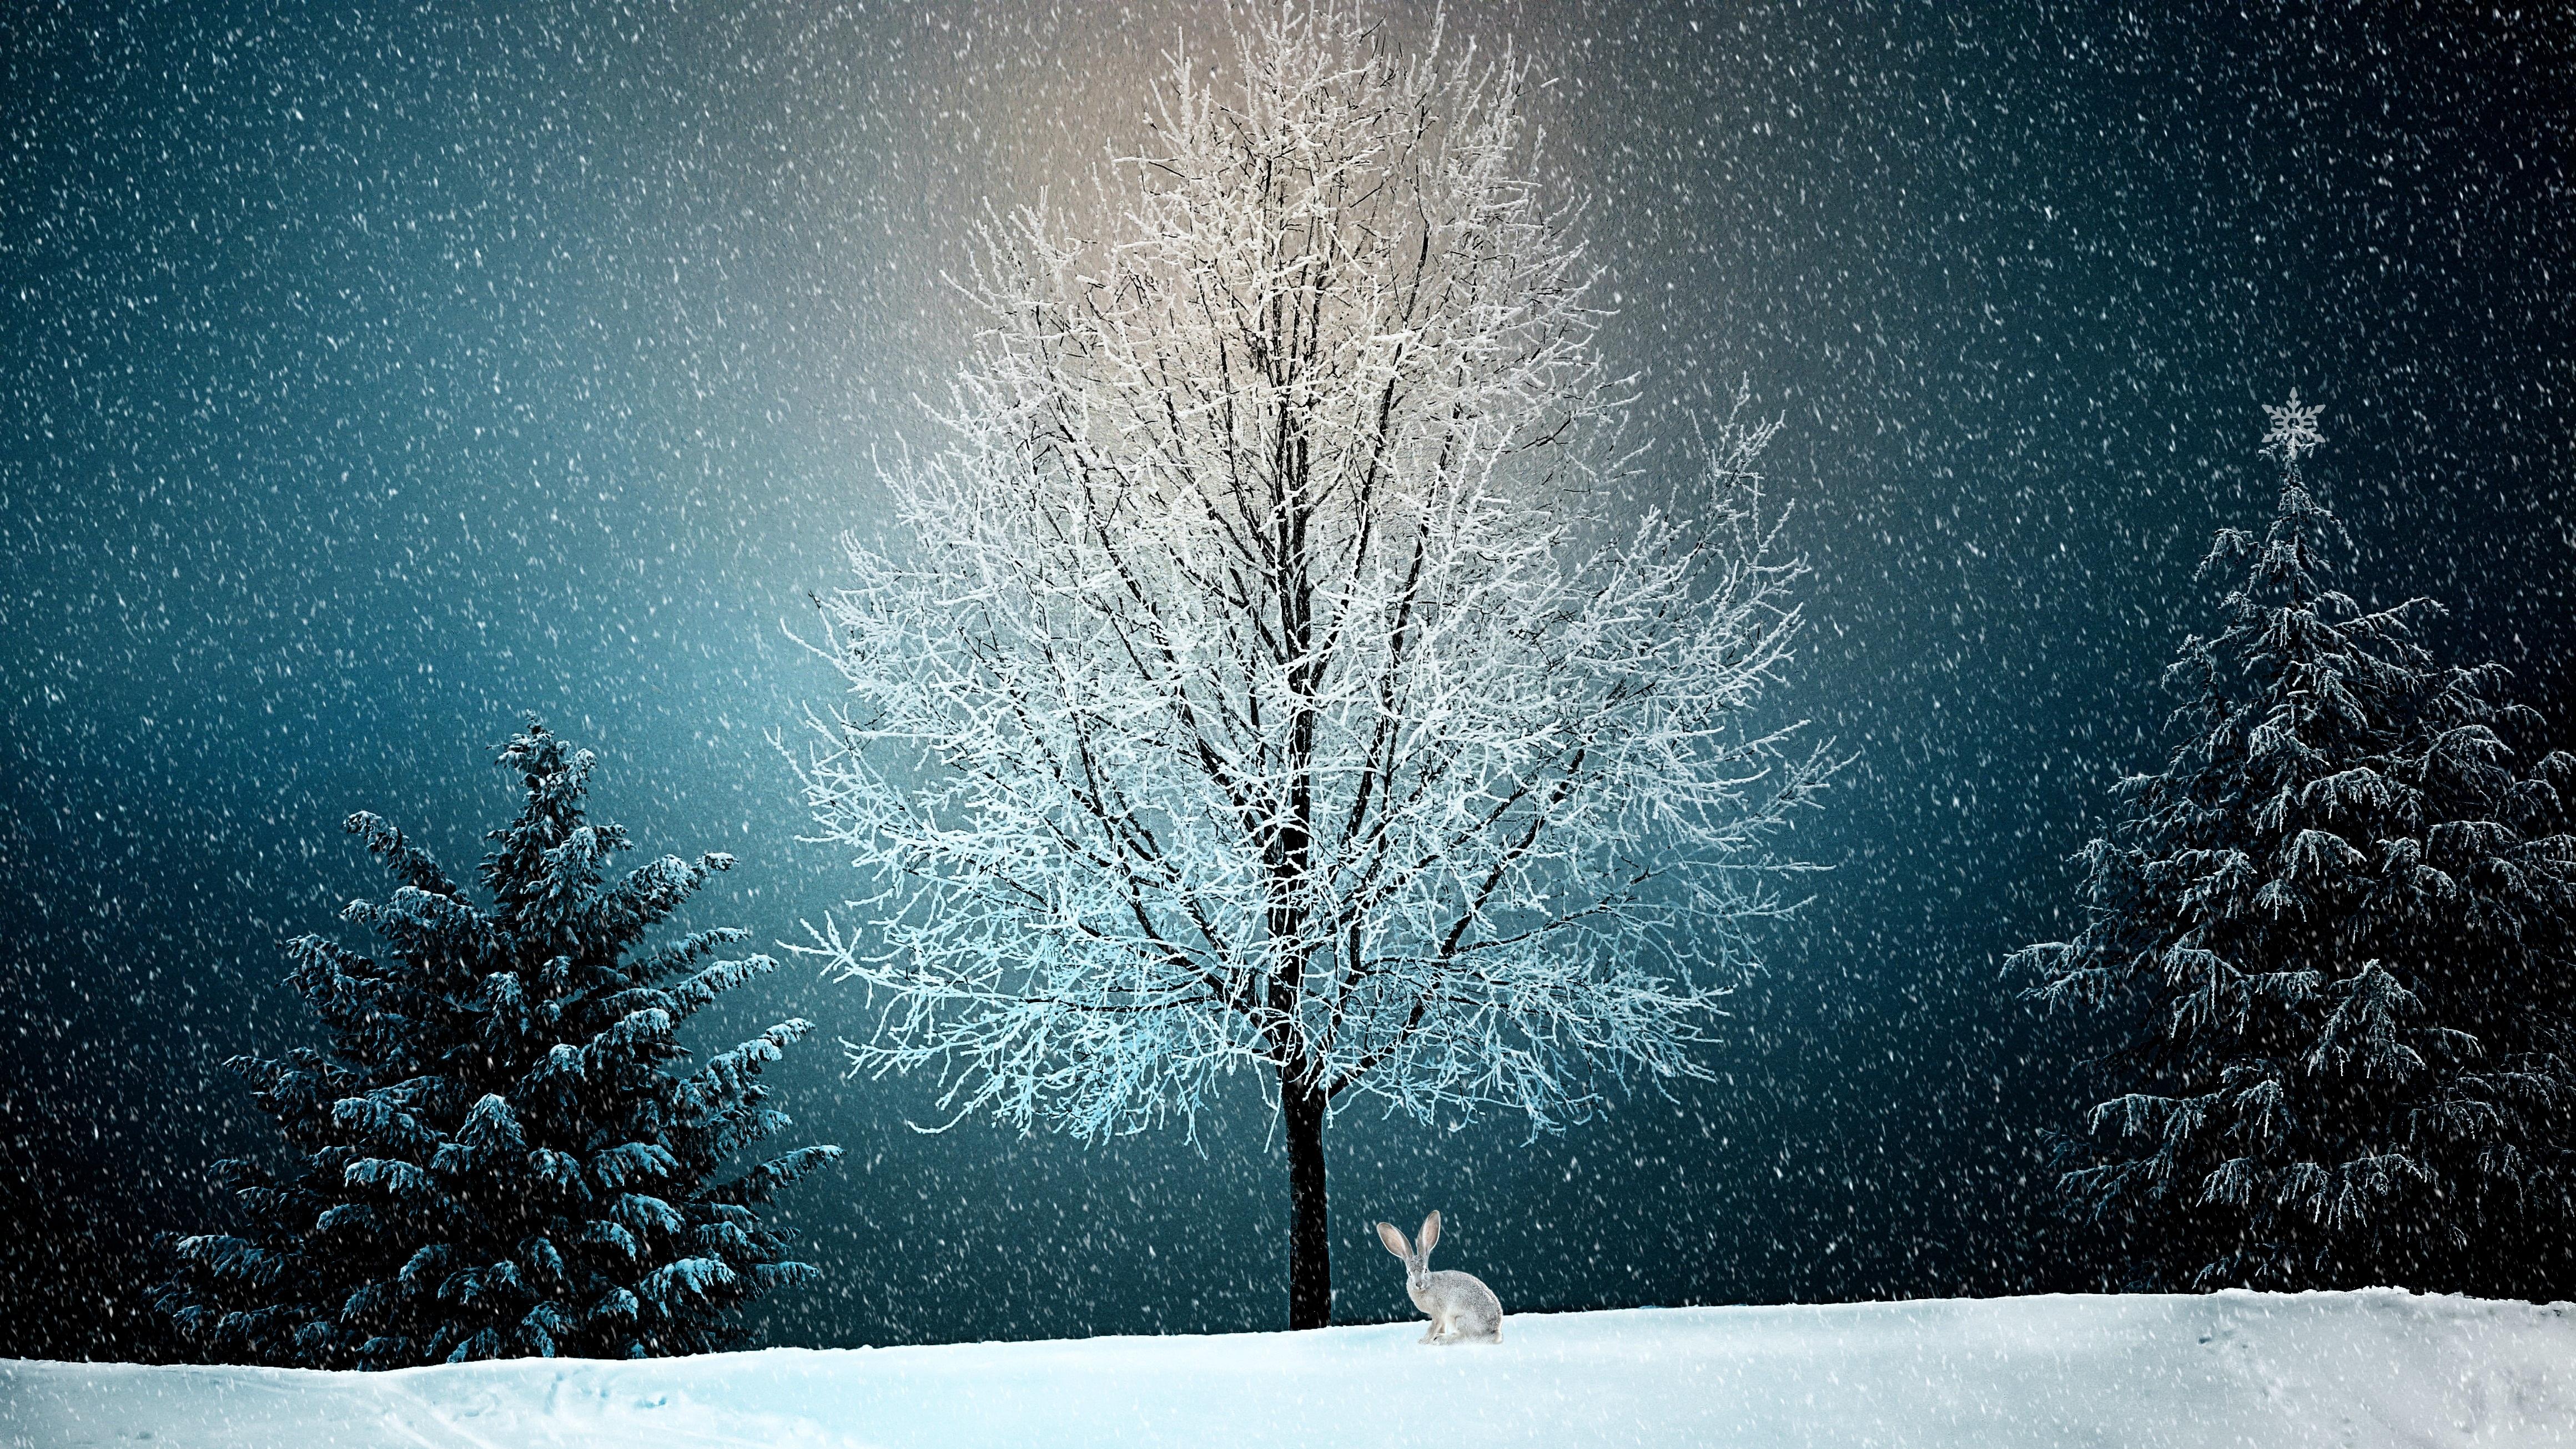 winter 2896970 - Boże Narodzenie - wierzenia i tradycje